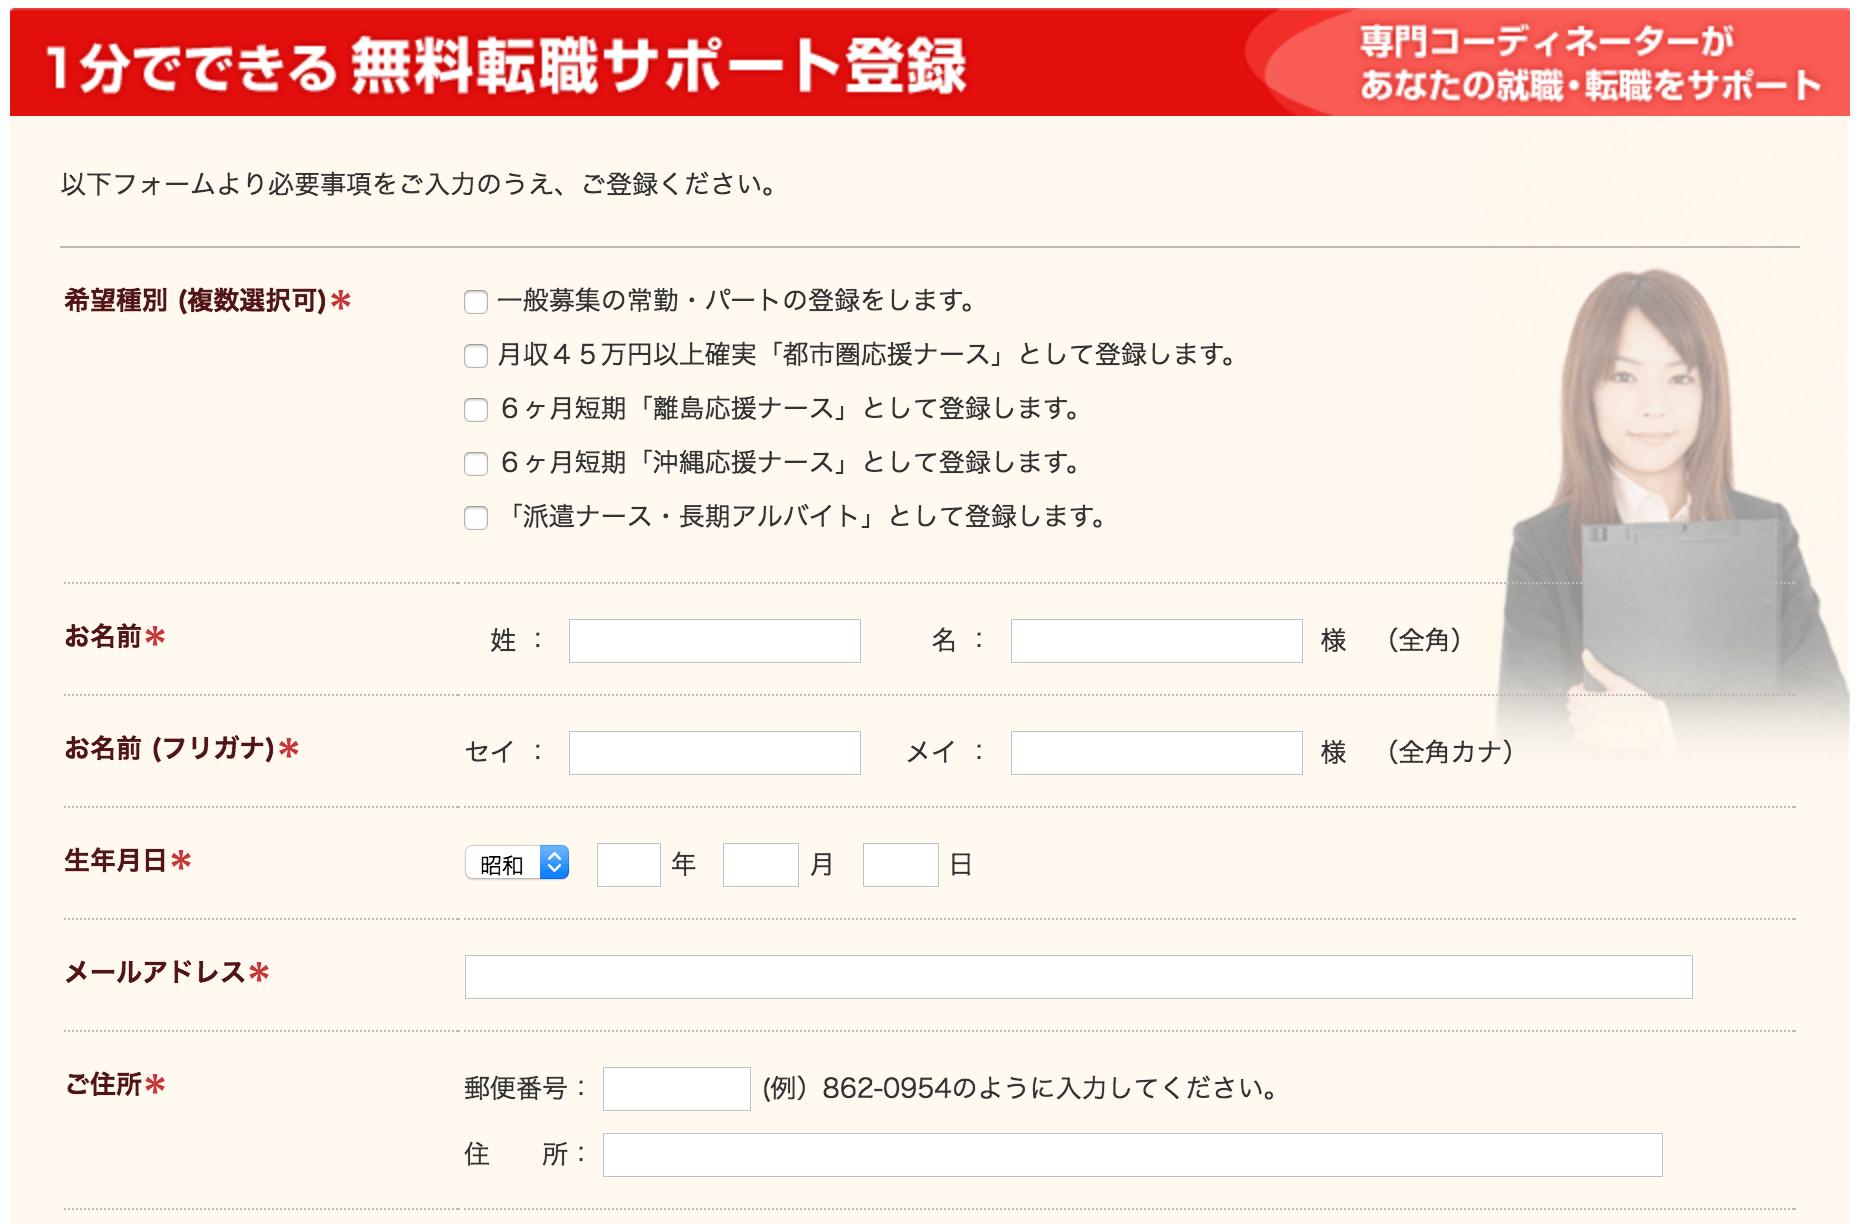 スクリーンショット 2016-05-06 22.40.32